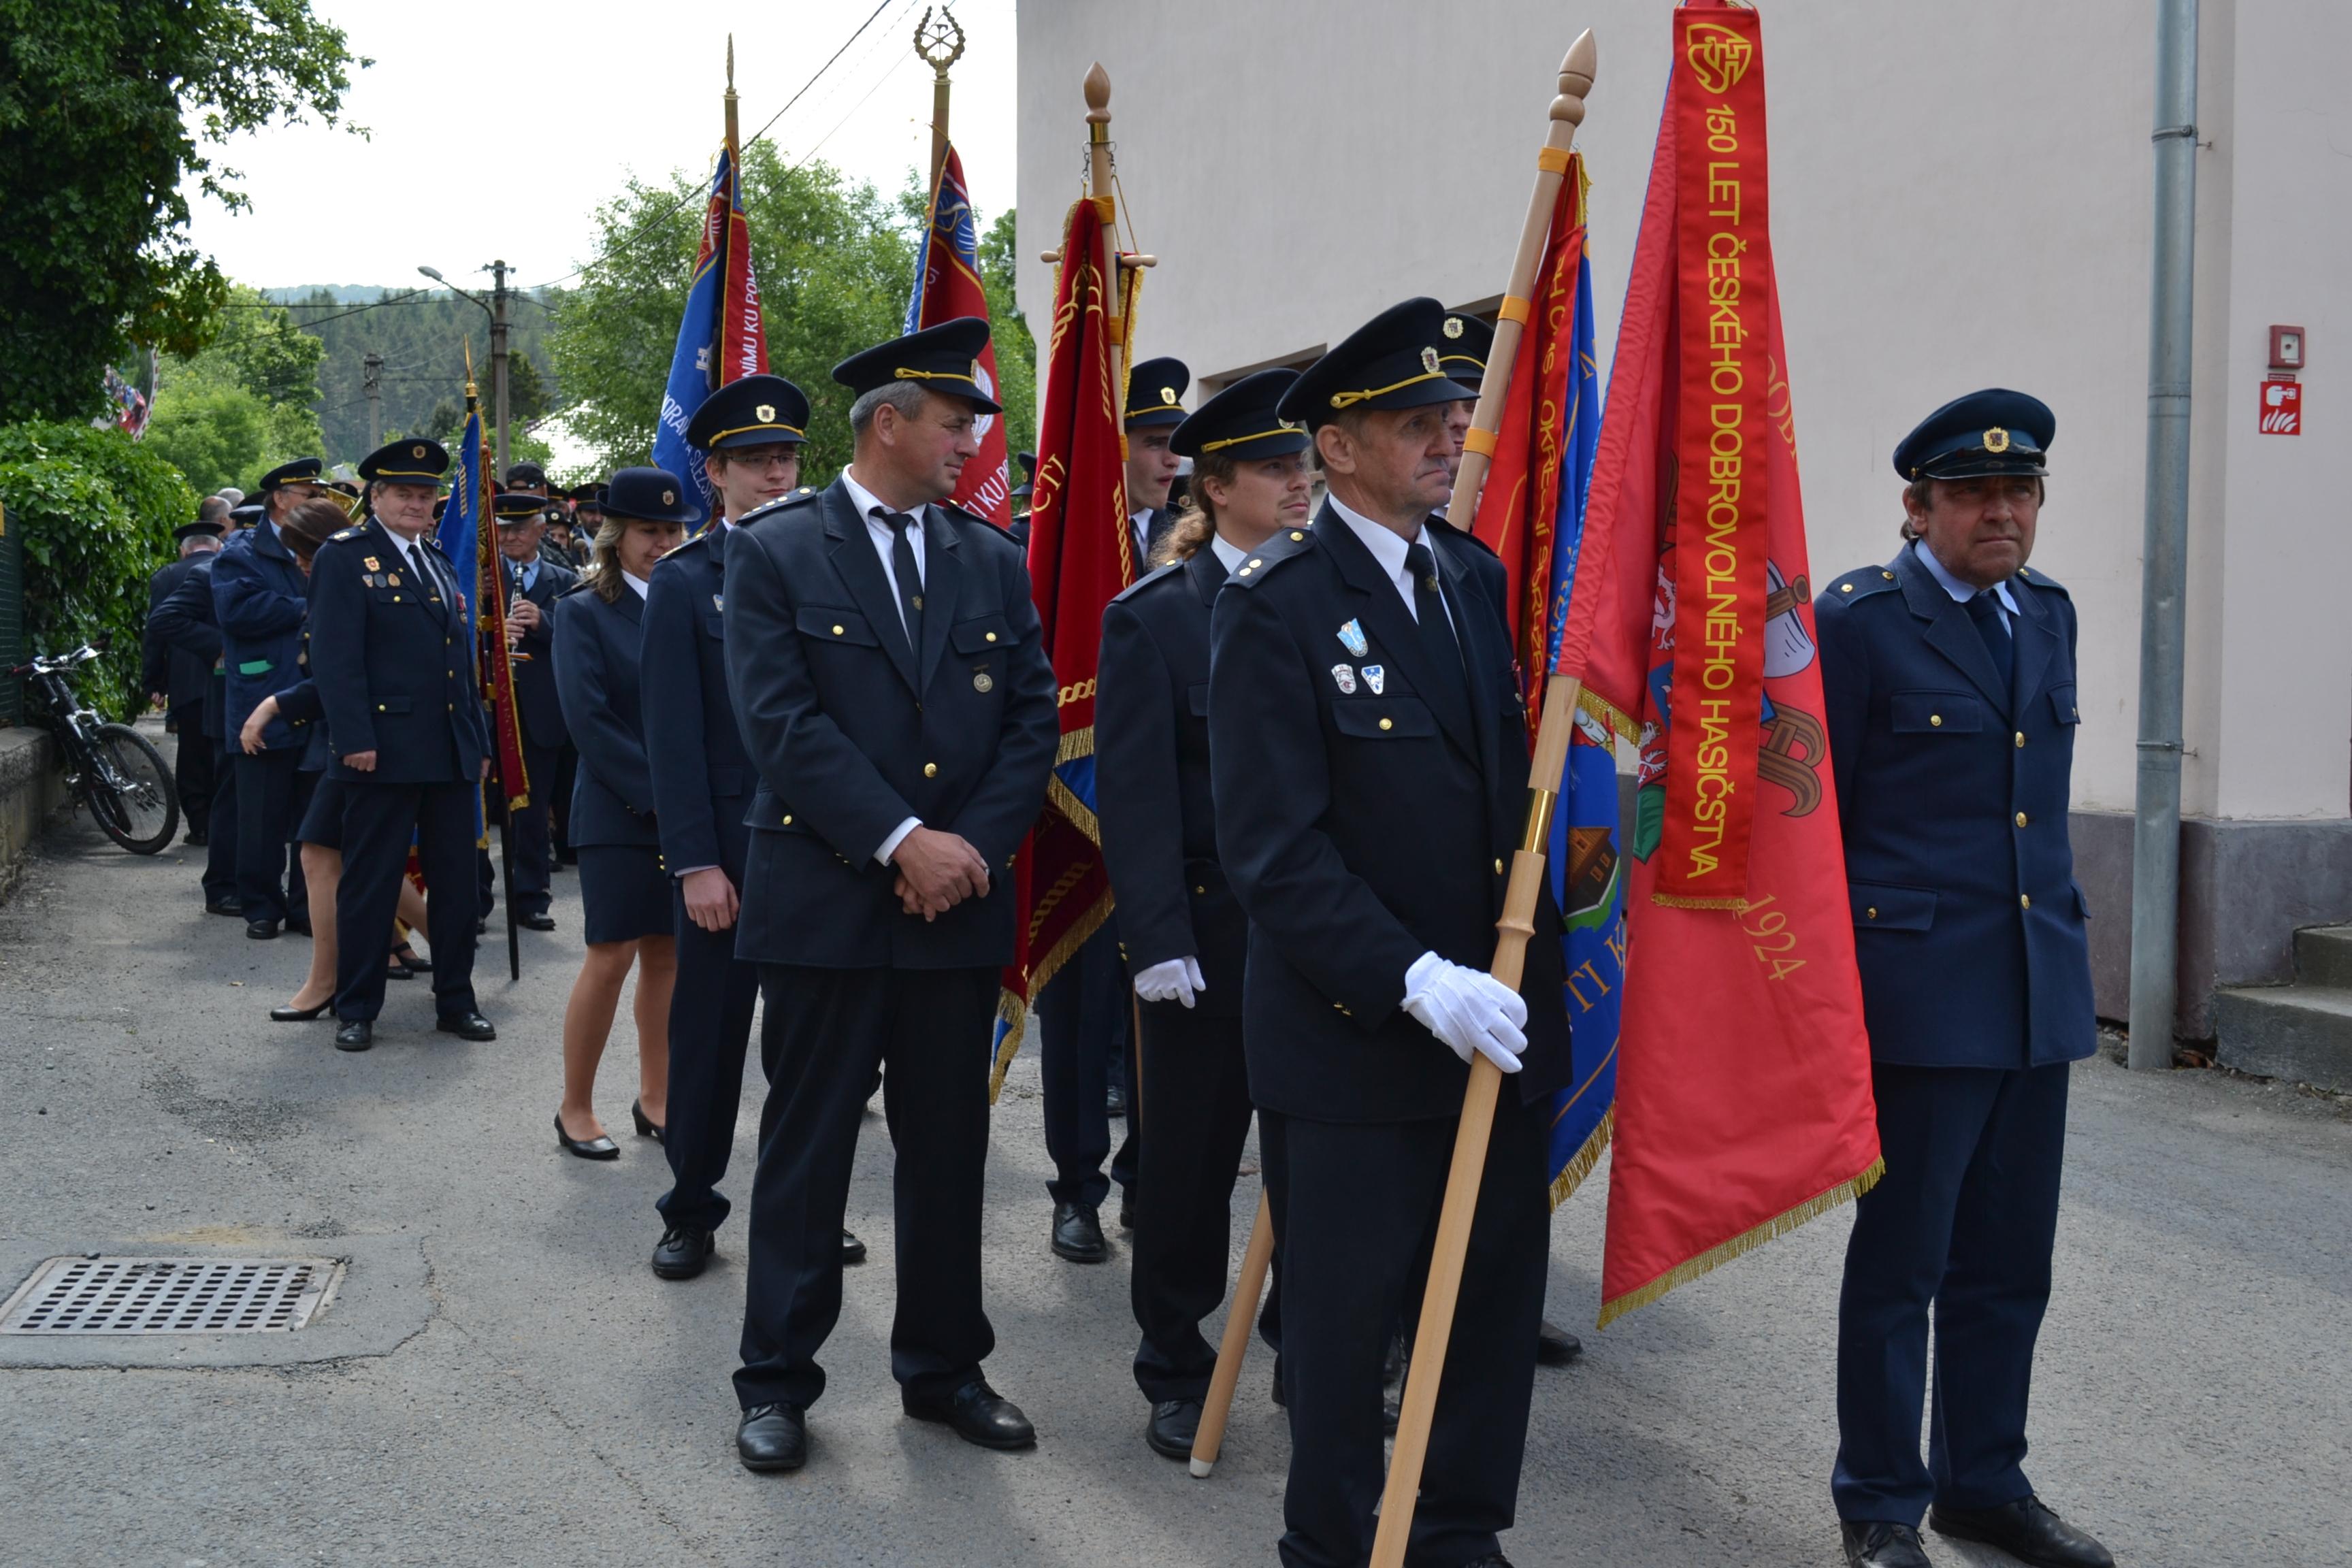 Oslava 90.let SDH Podlesí - Křivé